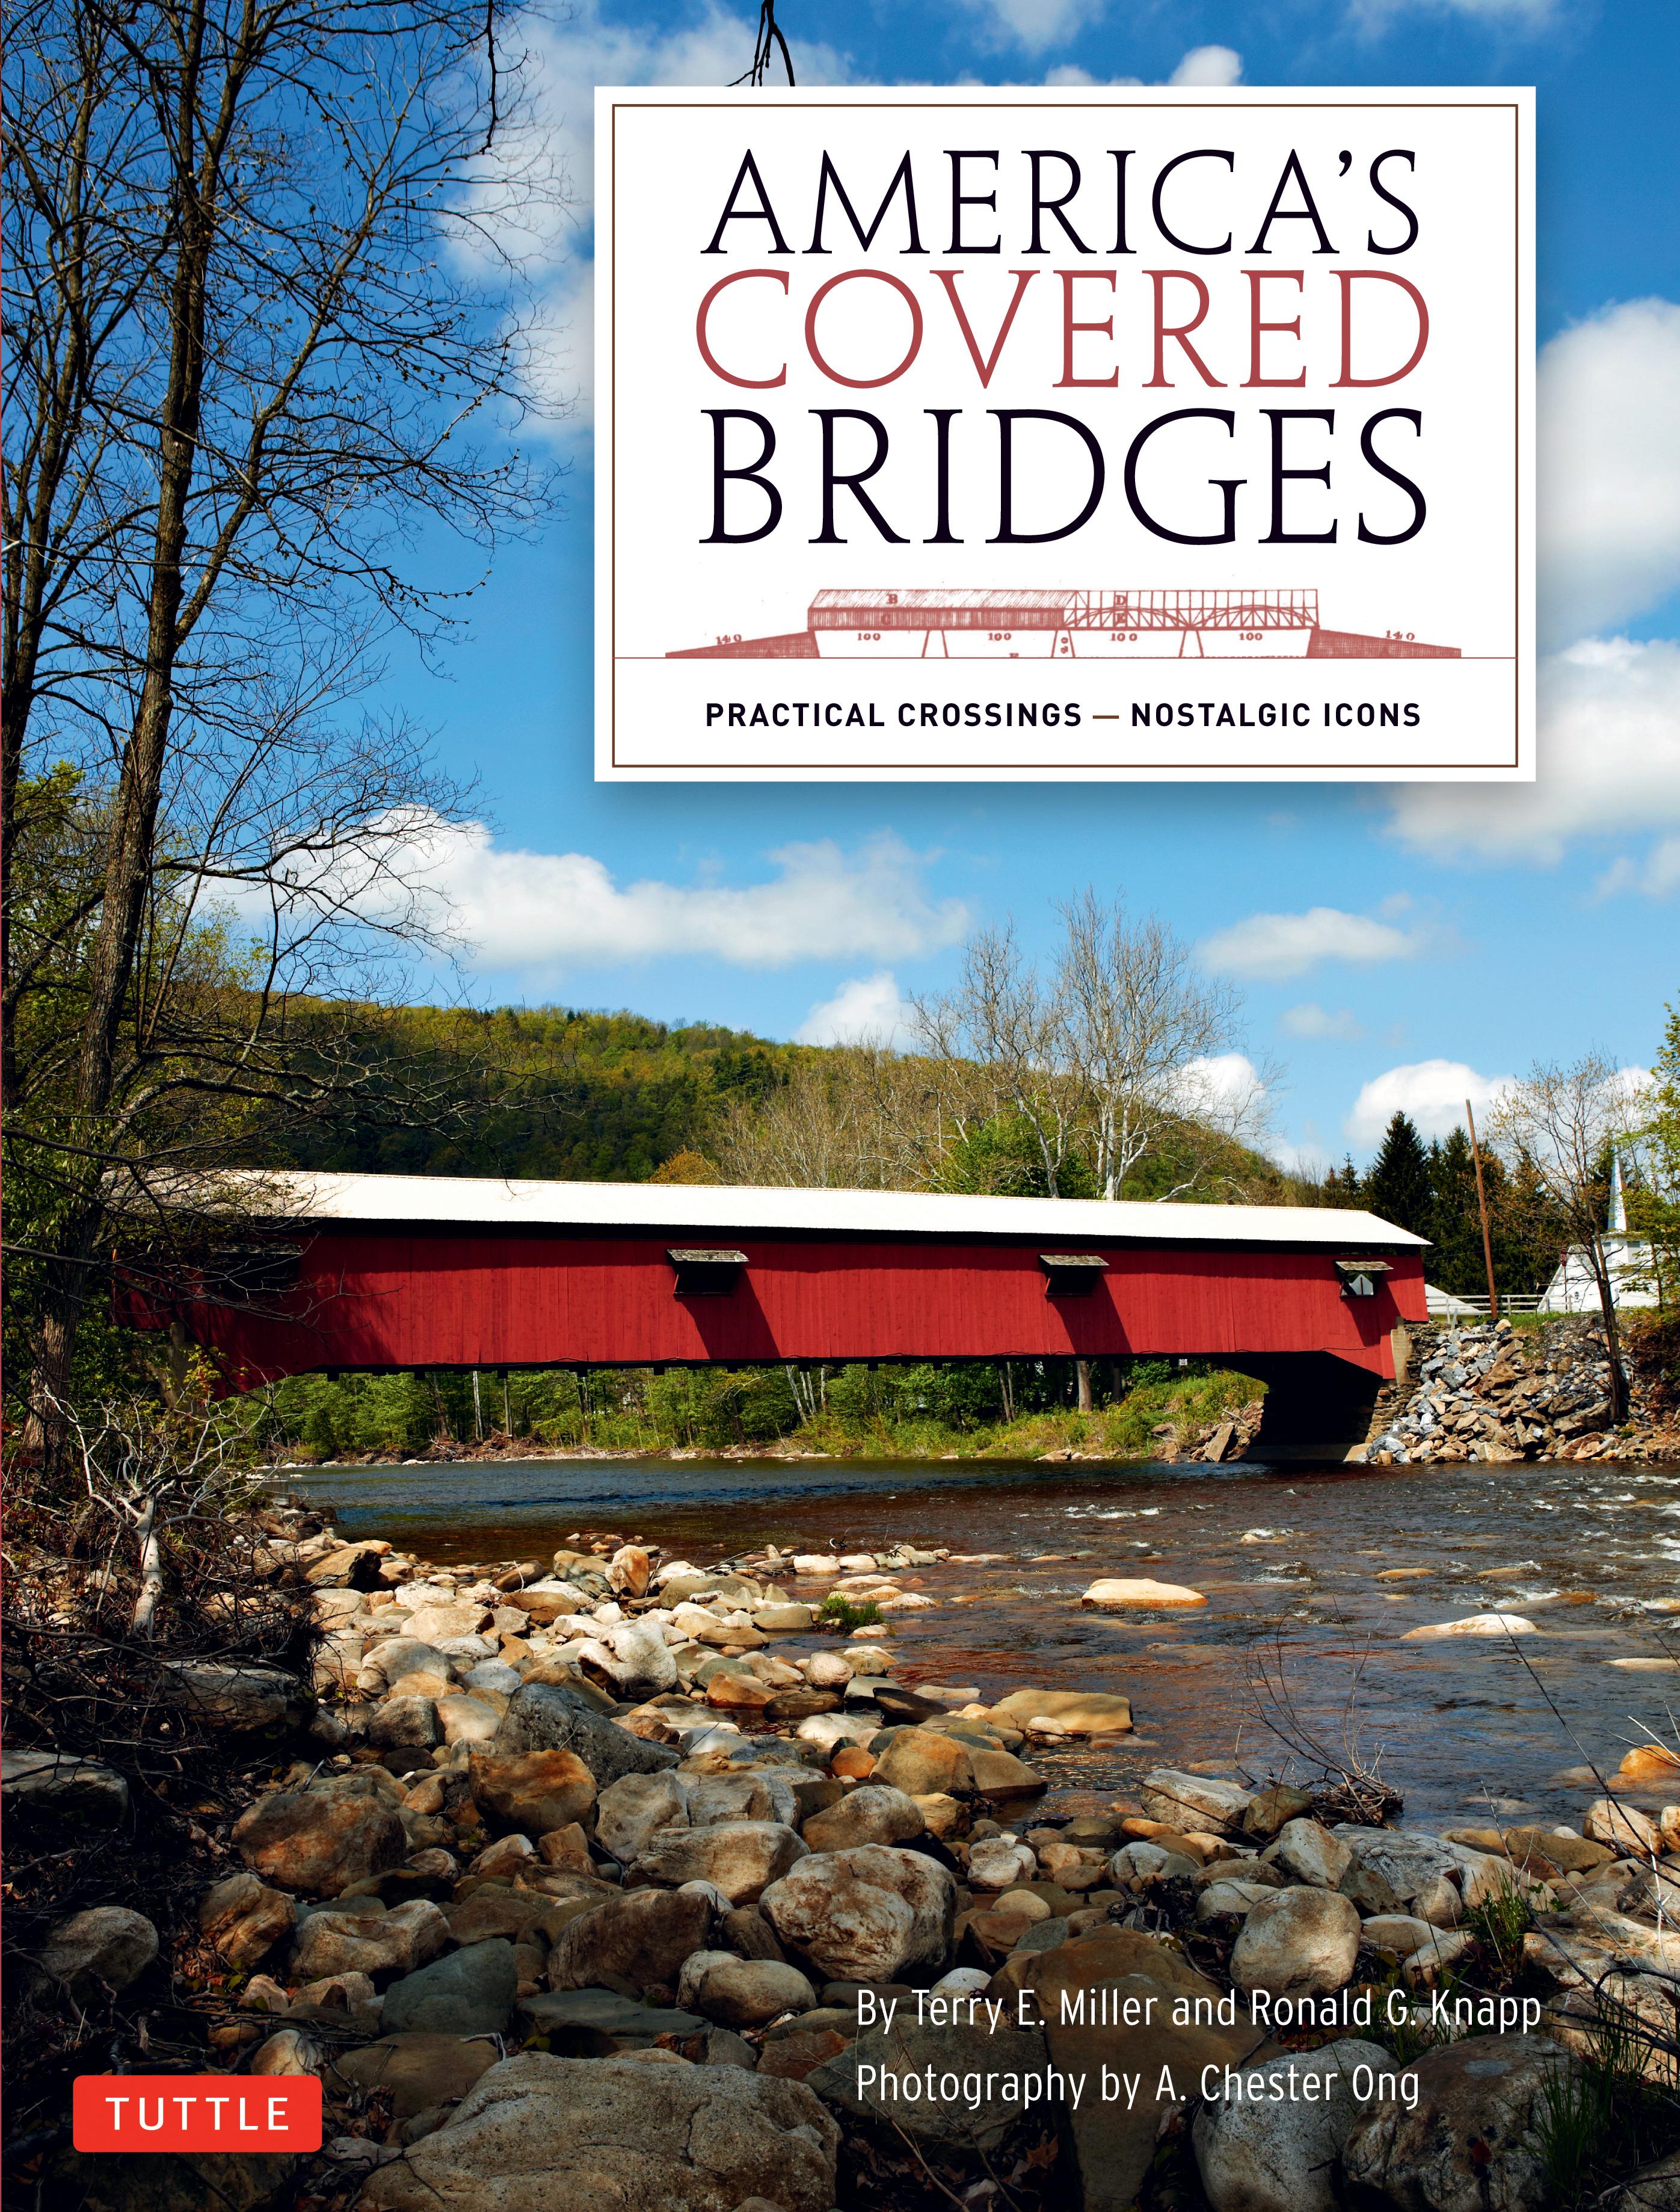 America's Covered Bridges